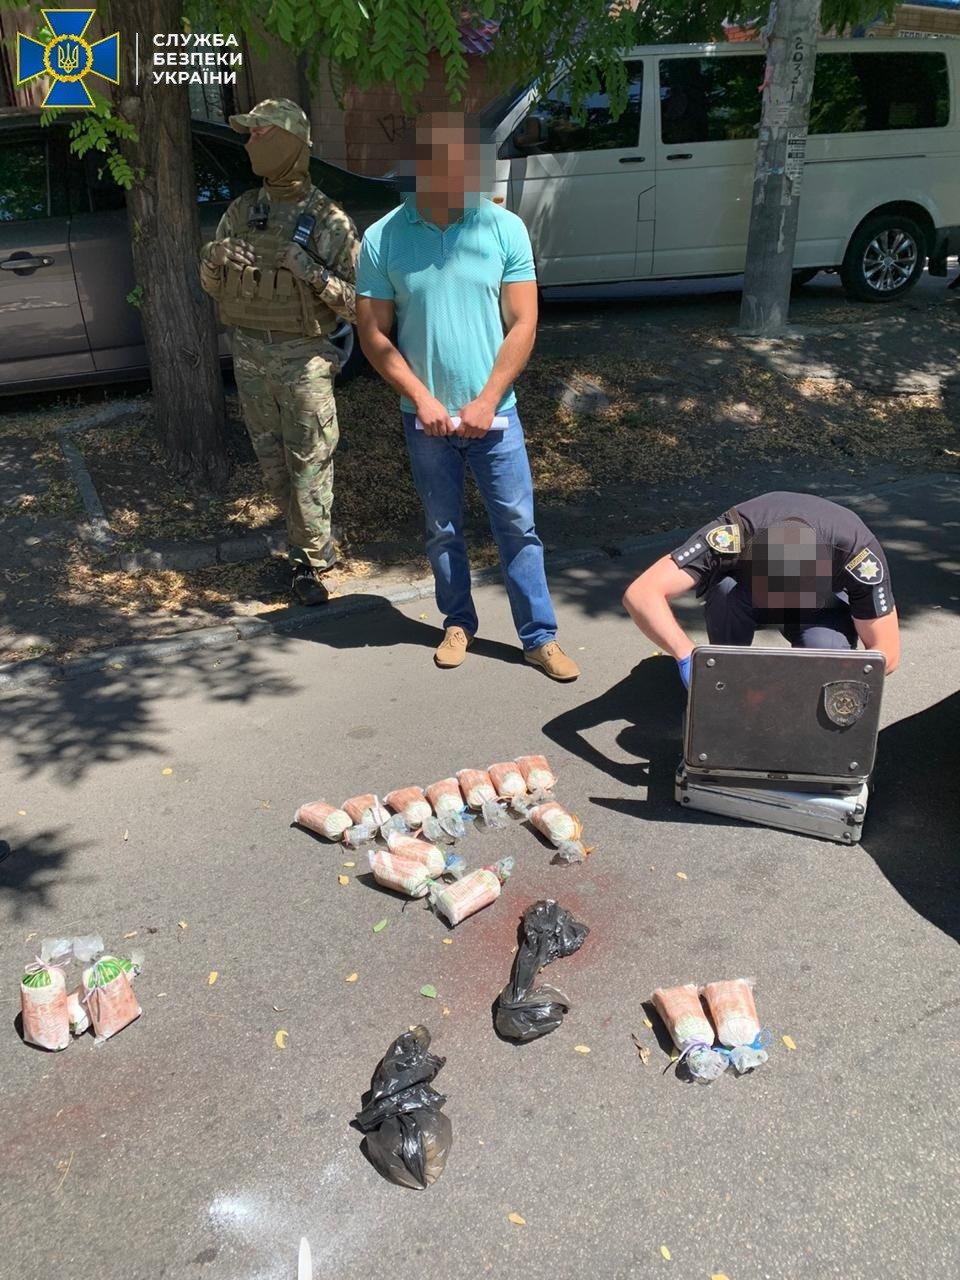 На Днепропетровщине СБУ блокировала масштабную контрабанду лекарственных средств с содержанием прекурсоров, - ФОТО, фото-1